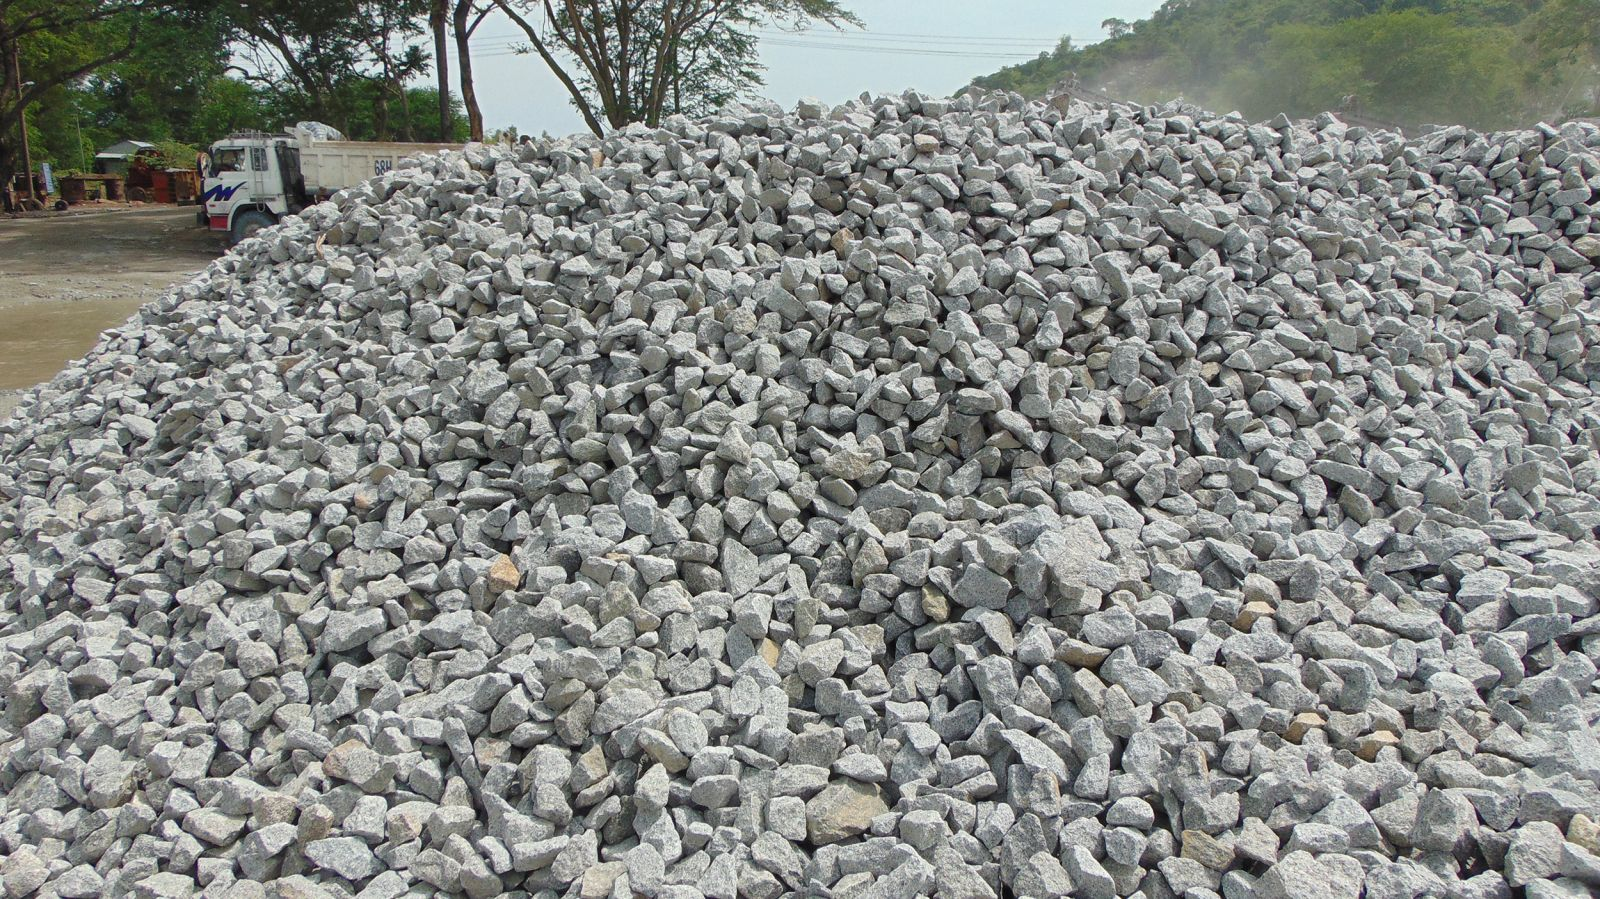 giá đá xây dựng, gia da xay dung